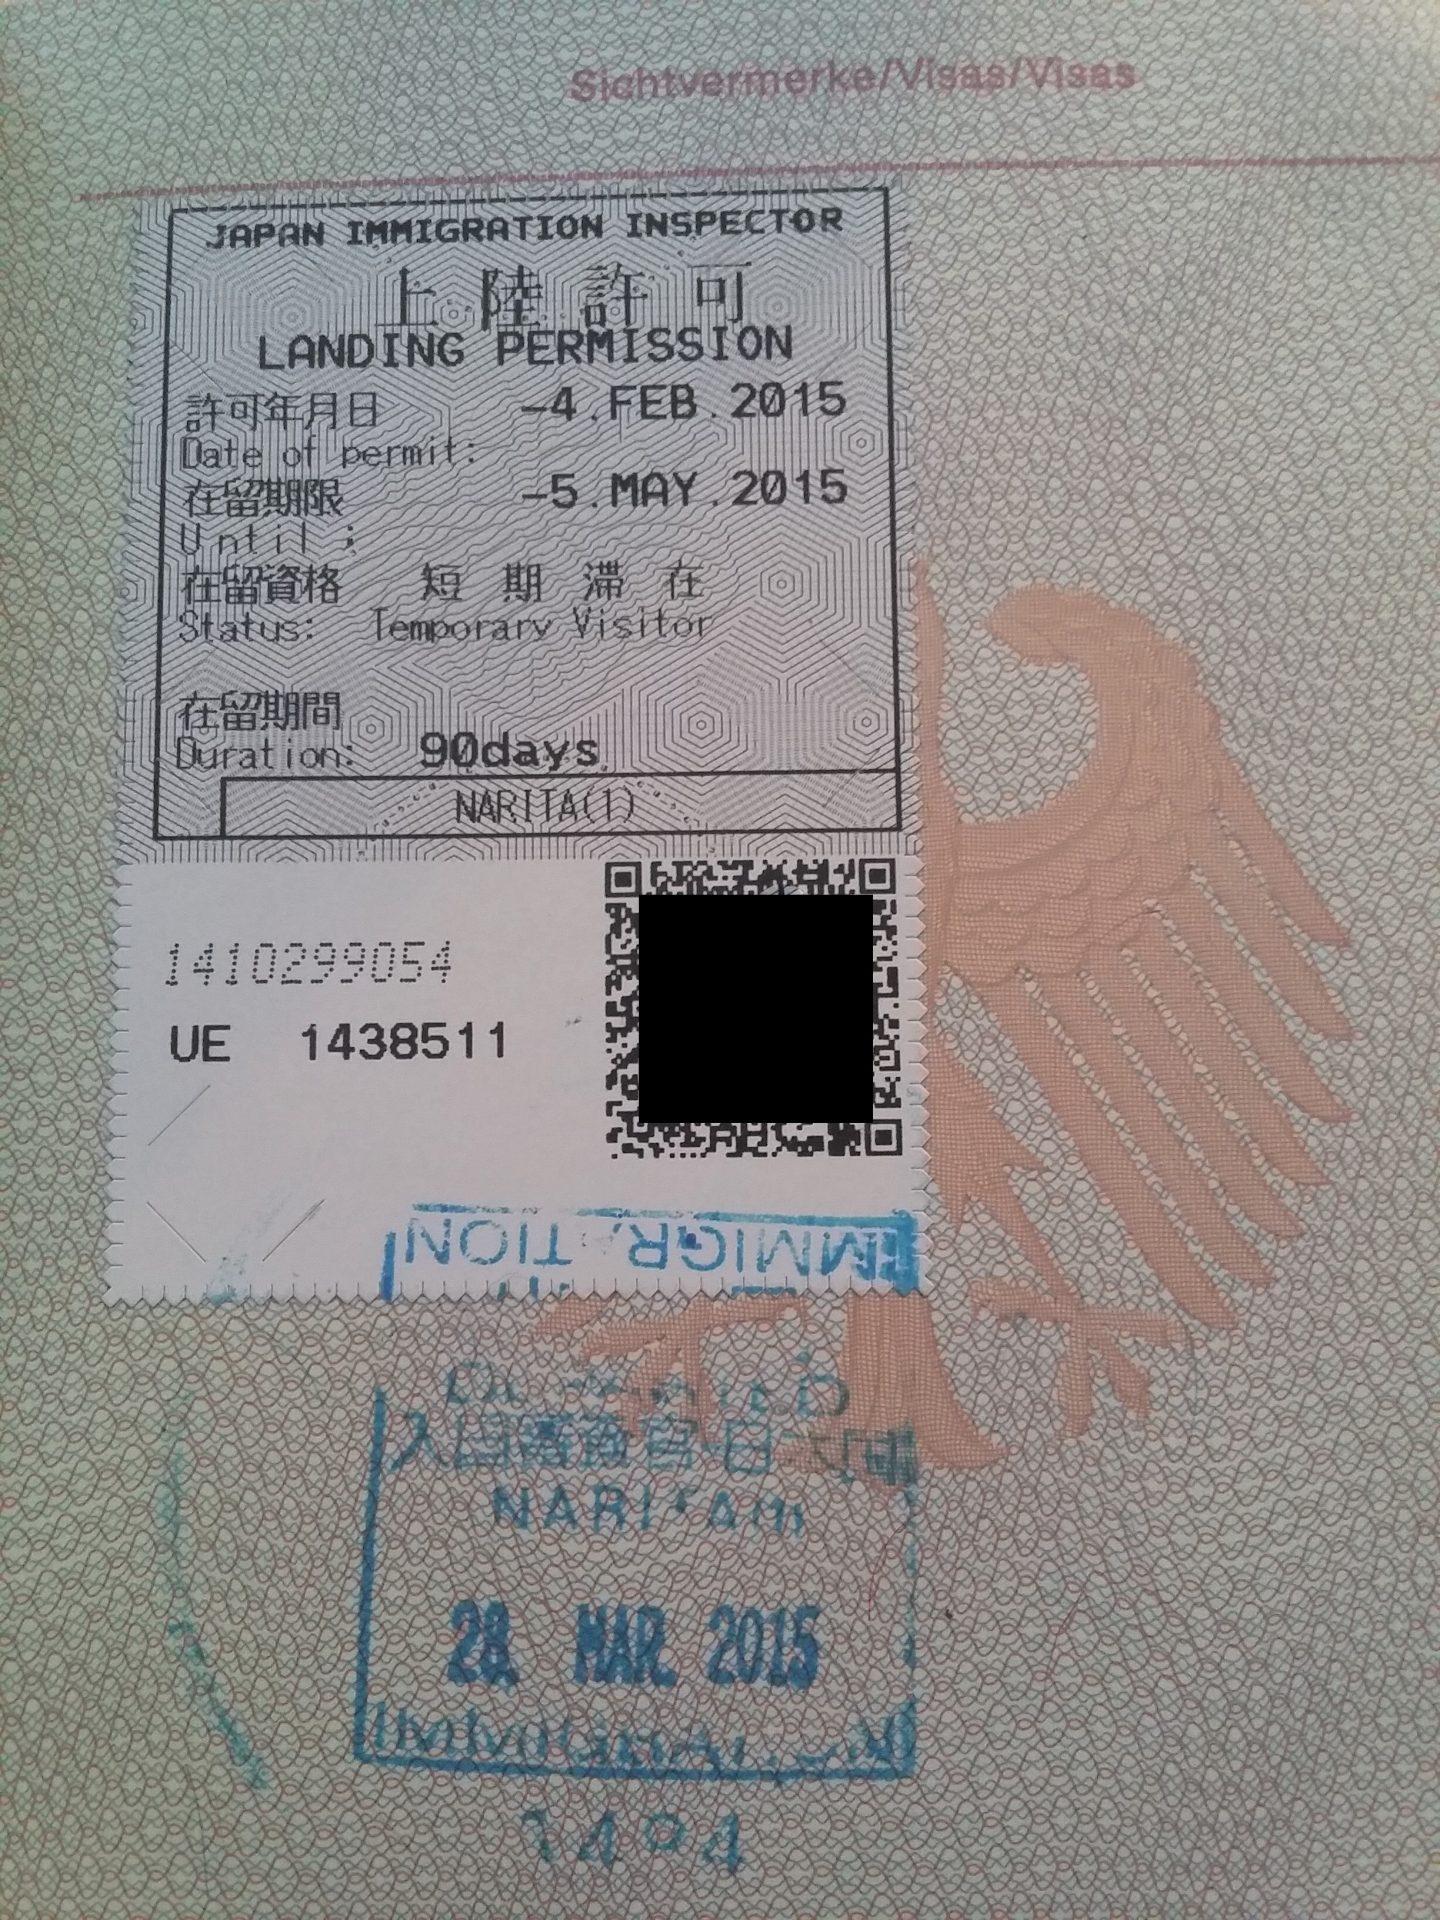 Landegenehmigung als Eintrag in einem Reisepass